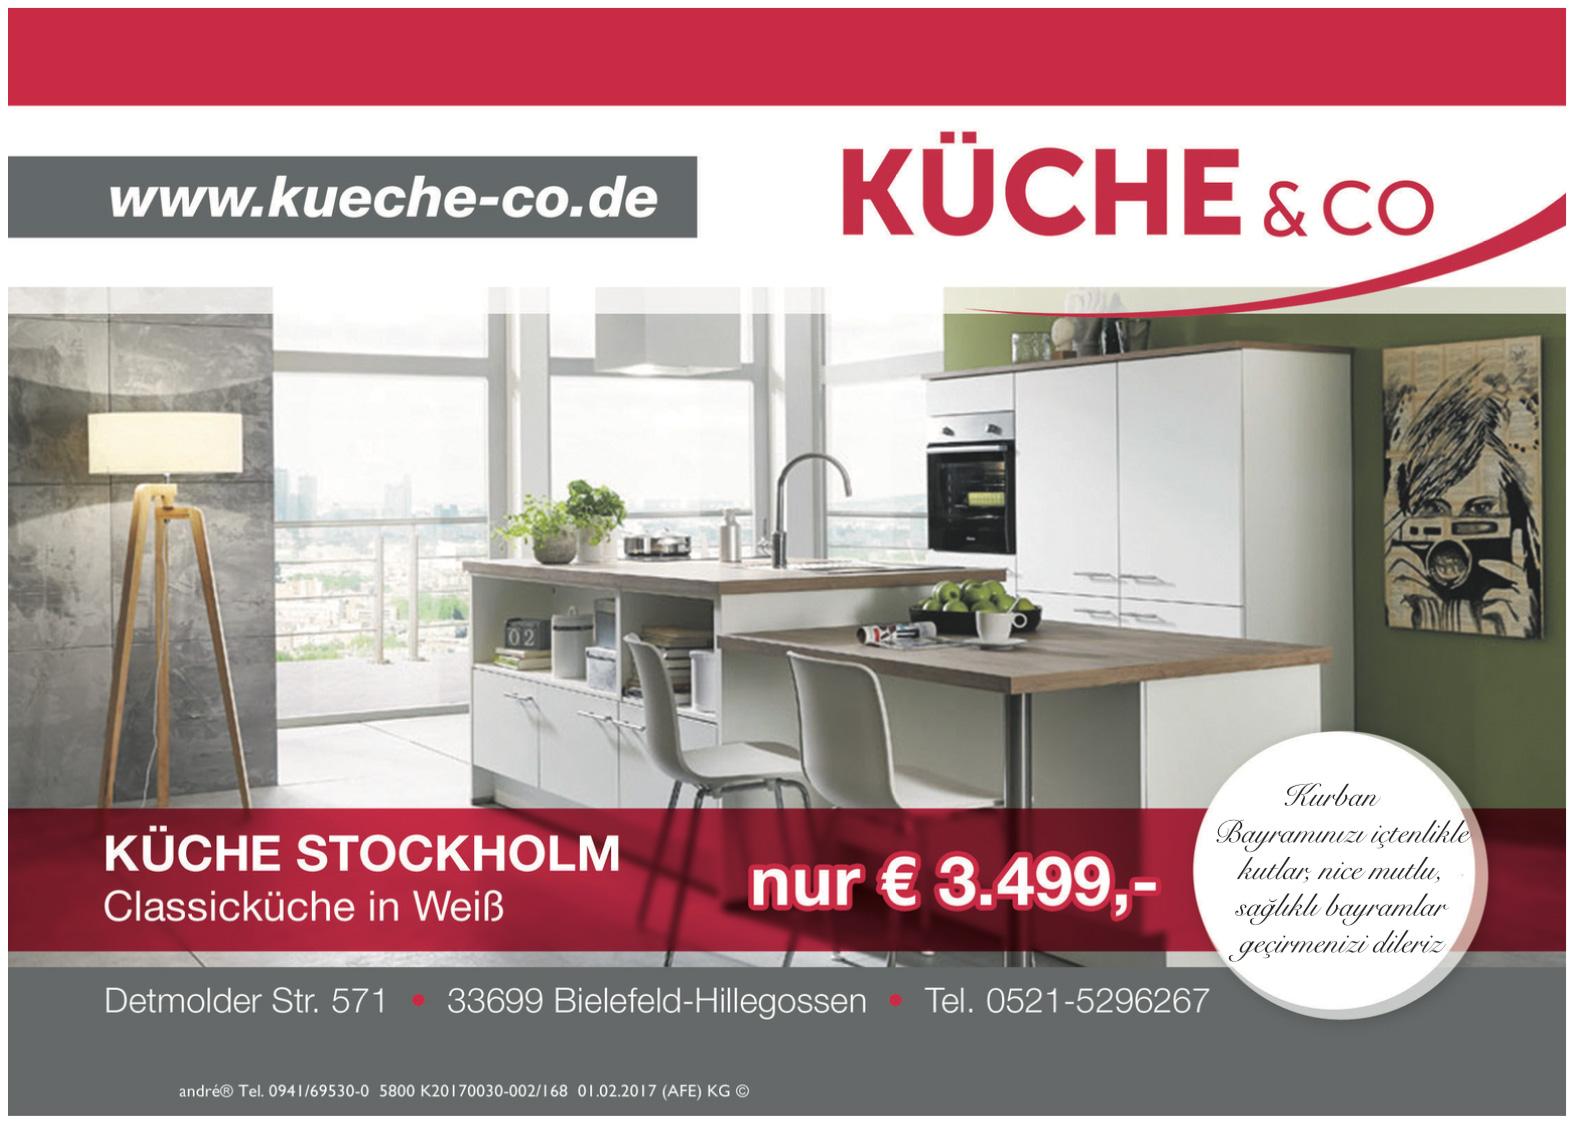 Berühmt Shaker Küche Co Cirencester Galerie - Küchen Design Ideen ...